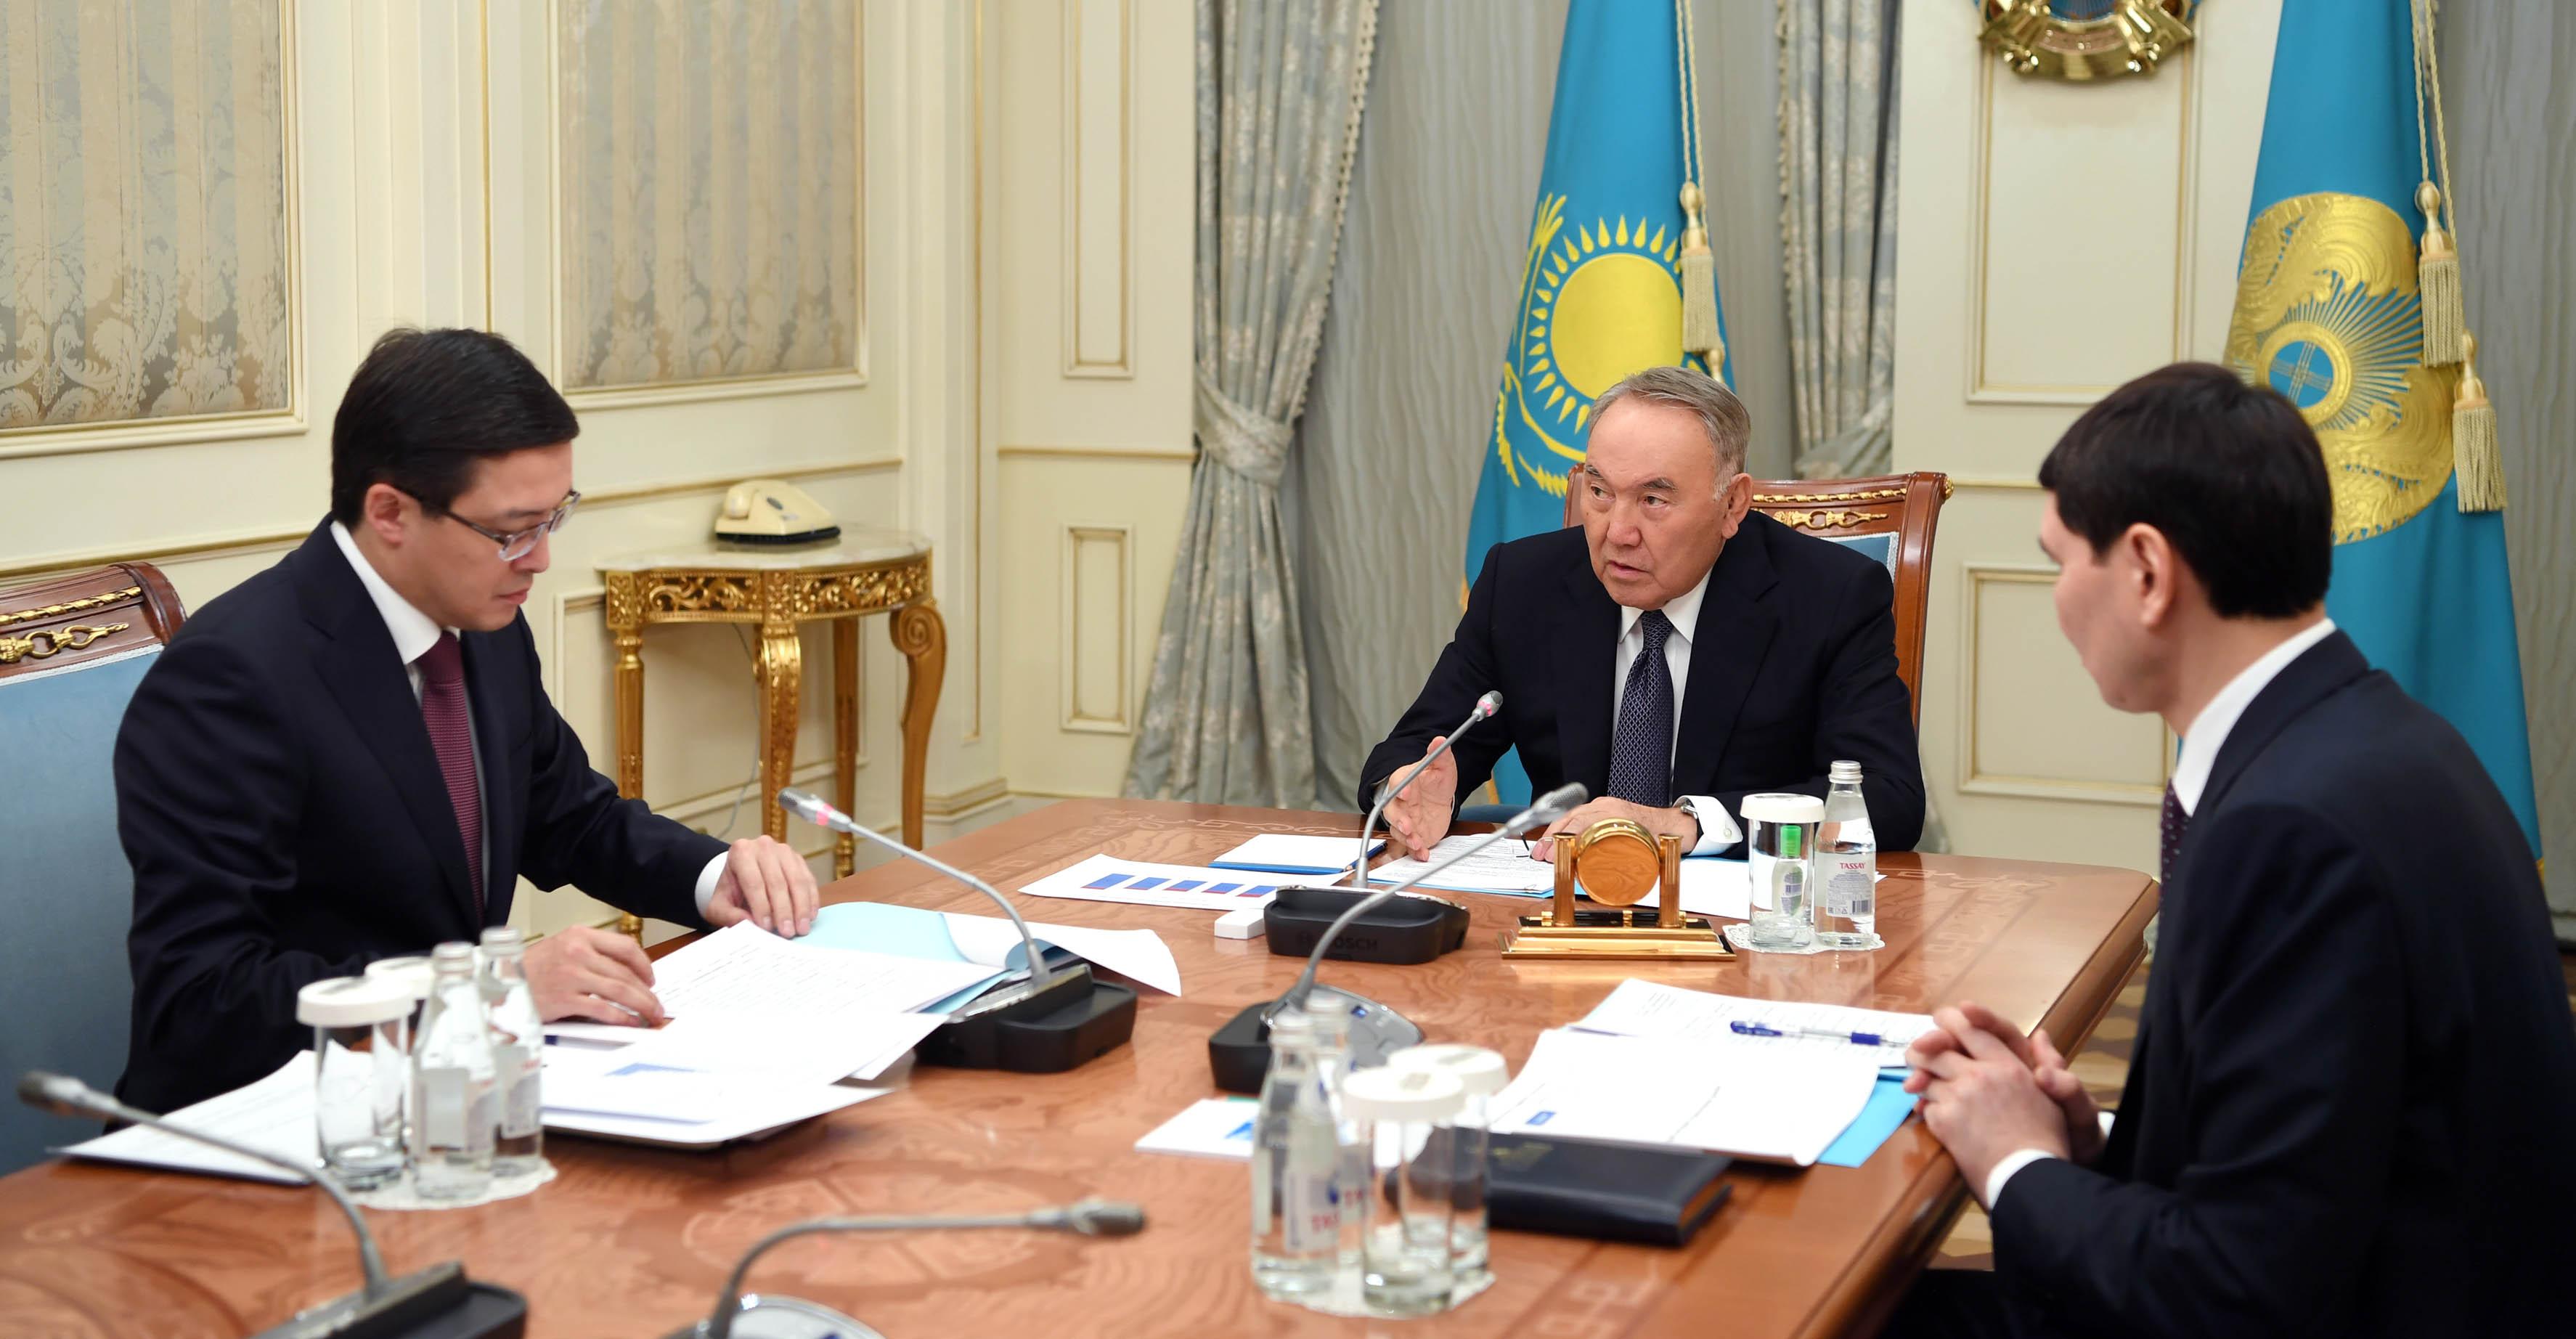 Нурсултан Назарбаев обратил внимание председателя Нацбанка РК на вопрос эффективности мер по снижению уровня инфляции